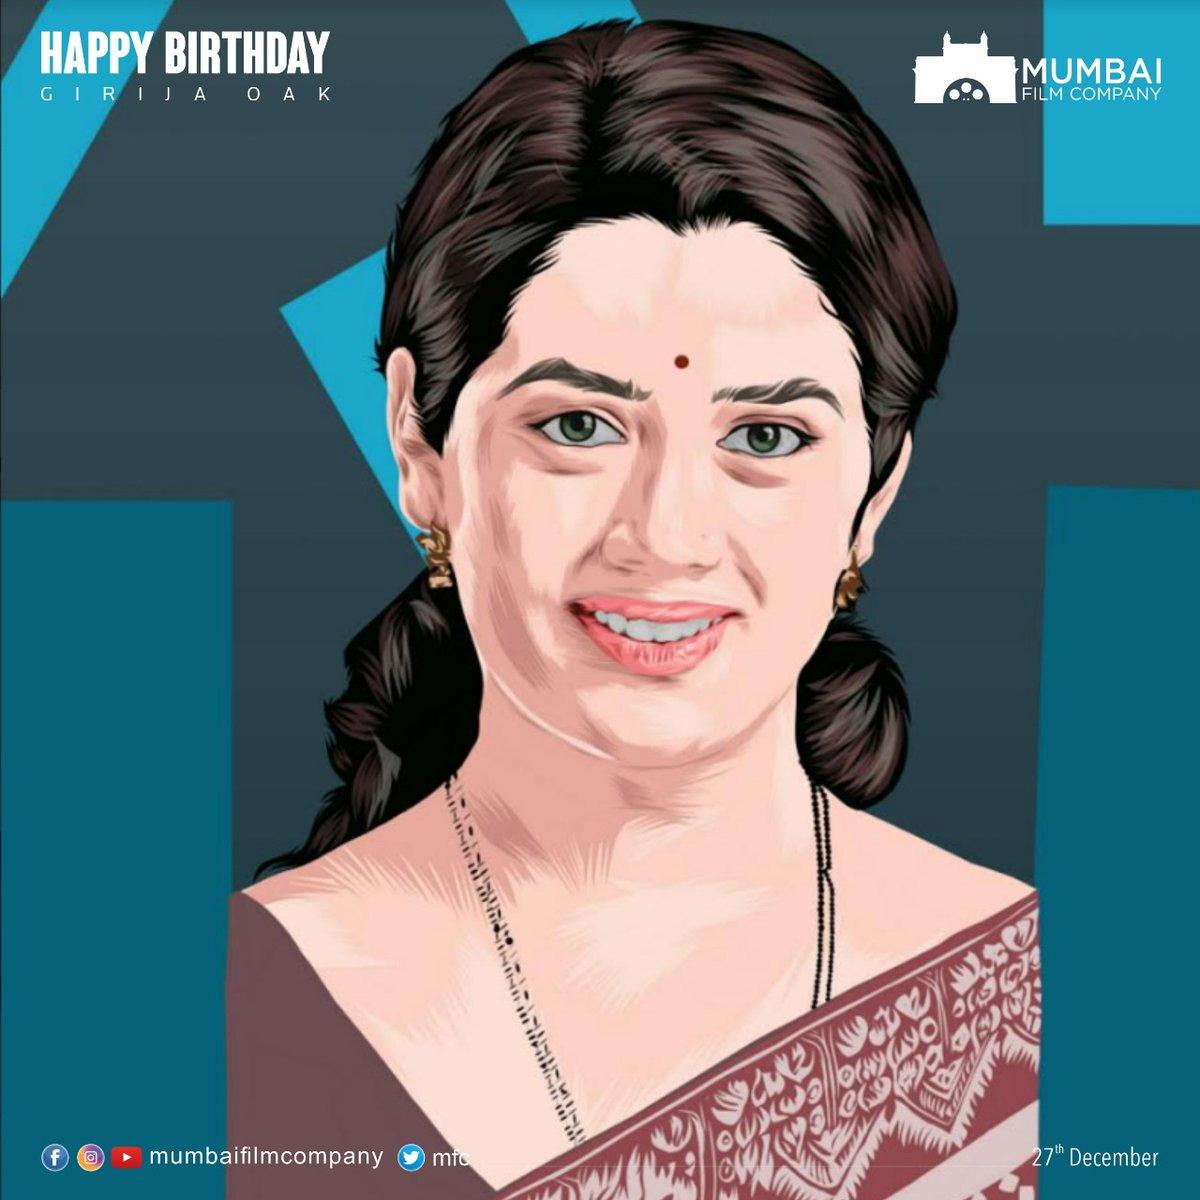 गिरीजा ओक यांना मुंबई फिल्म कंपनी तर्फे वाढदिवसाच्या हार्दिक शुभेच्छा.  .  .  .  #MFC